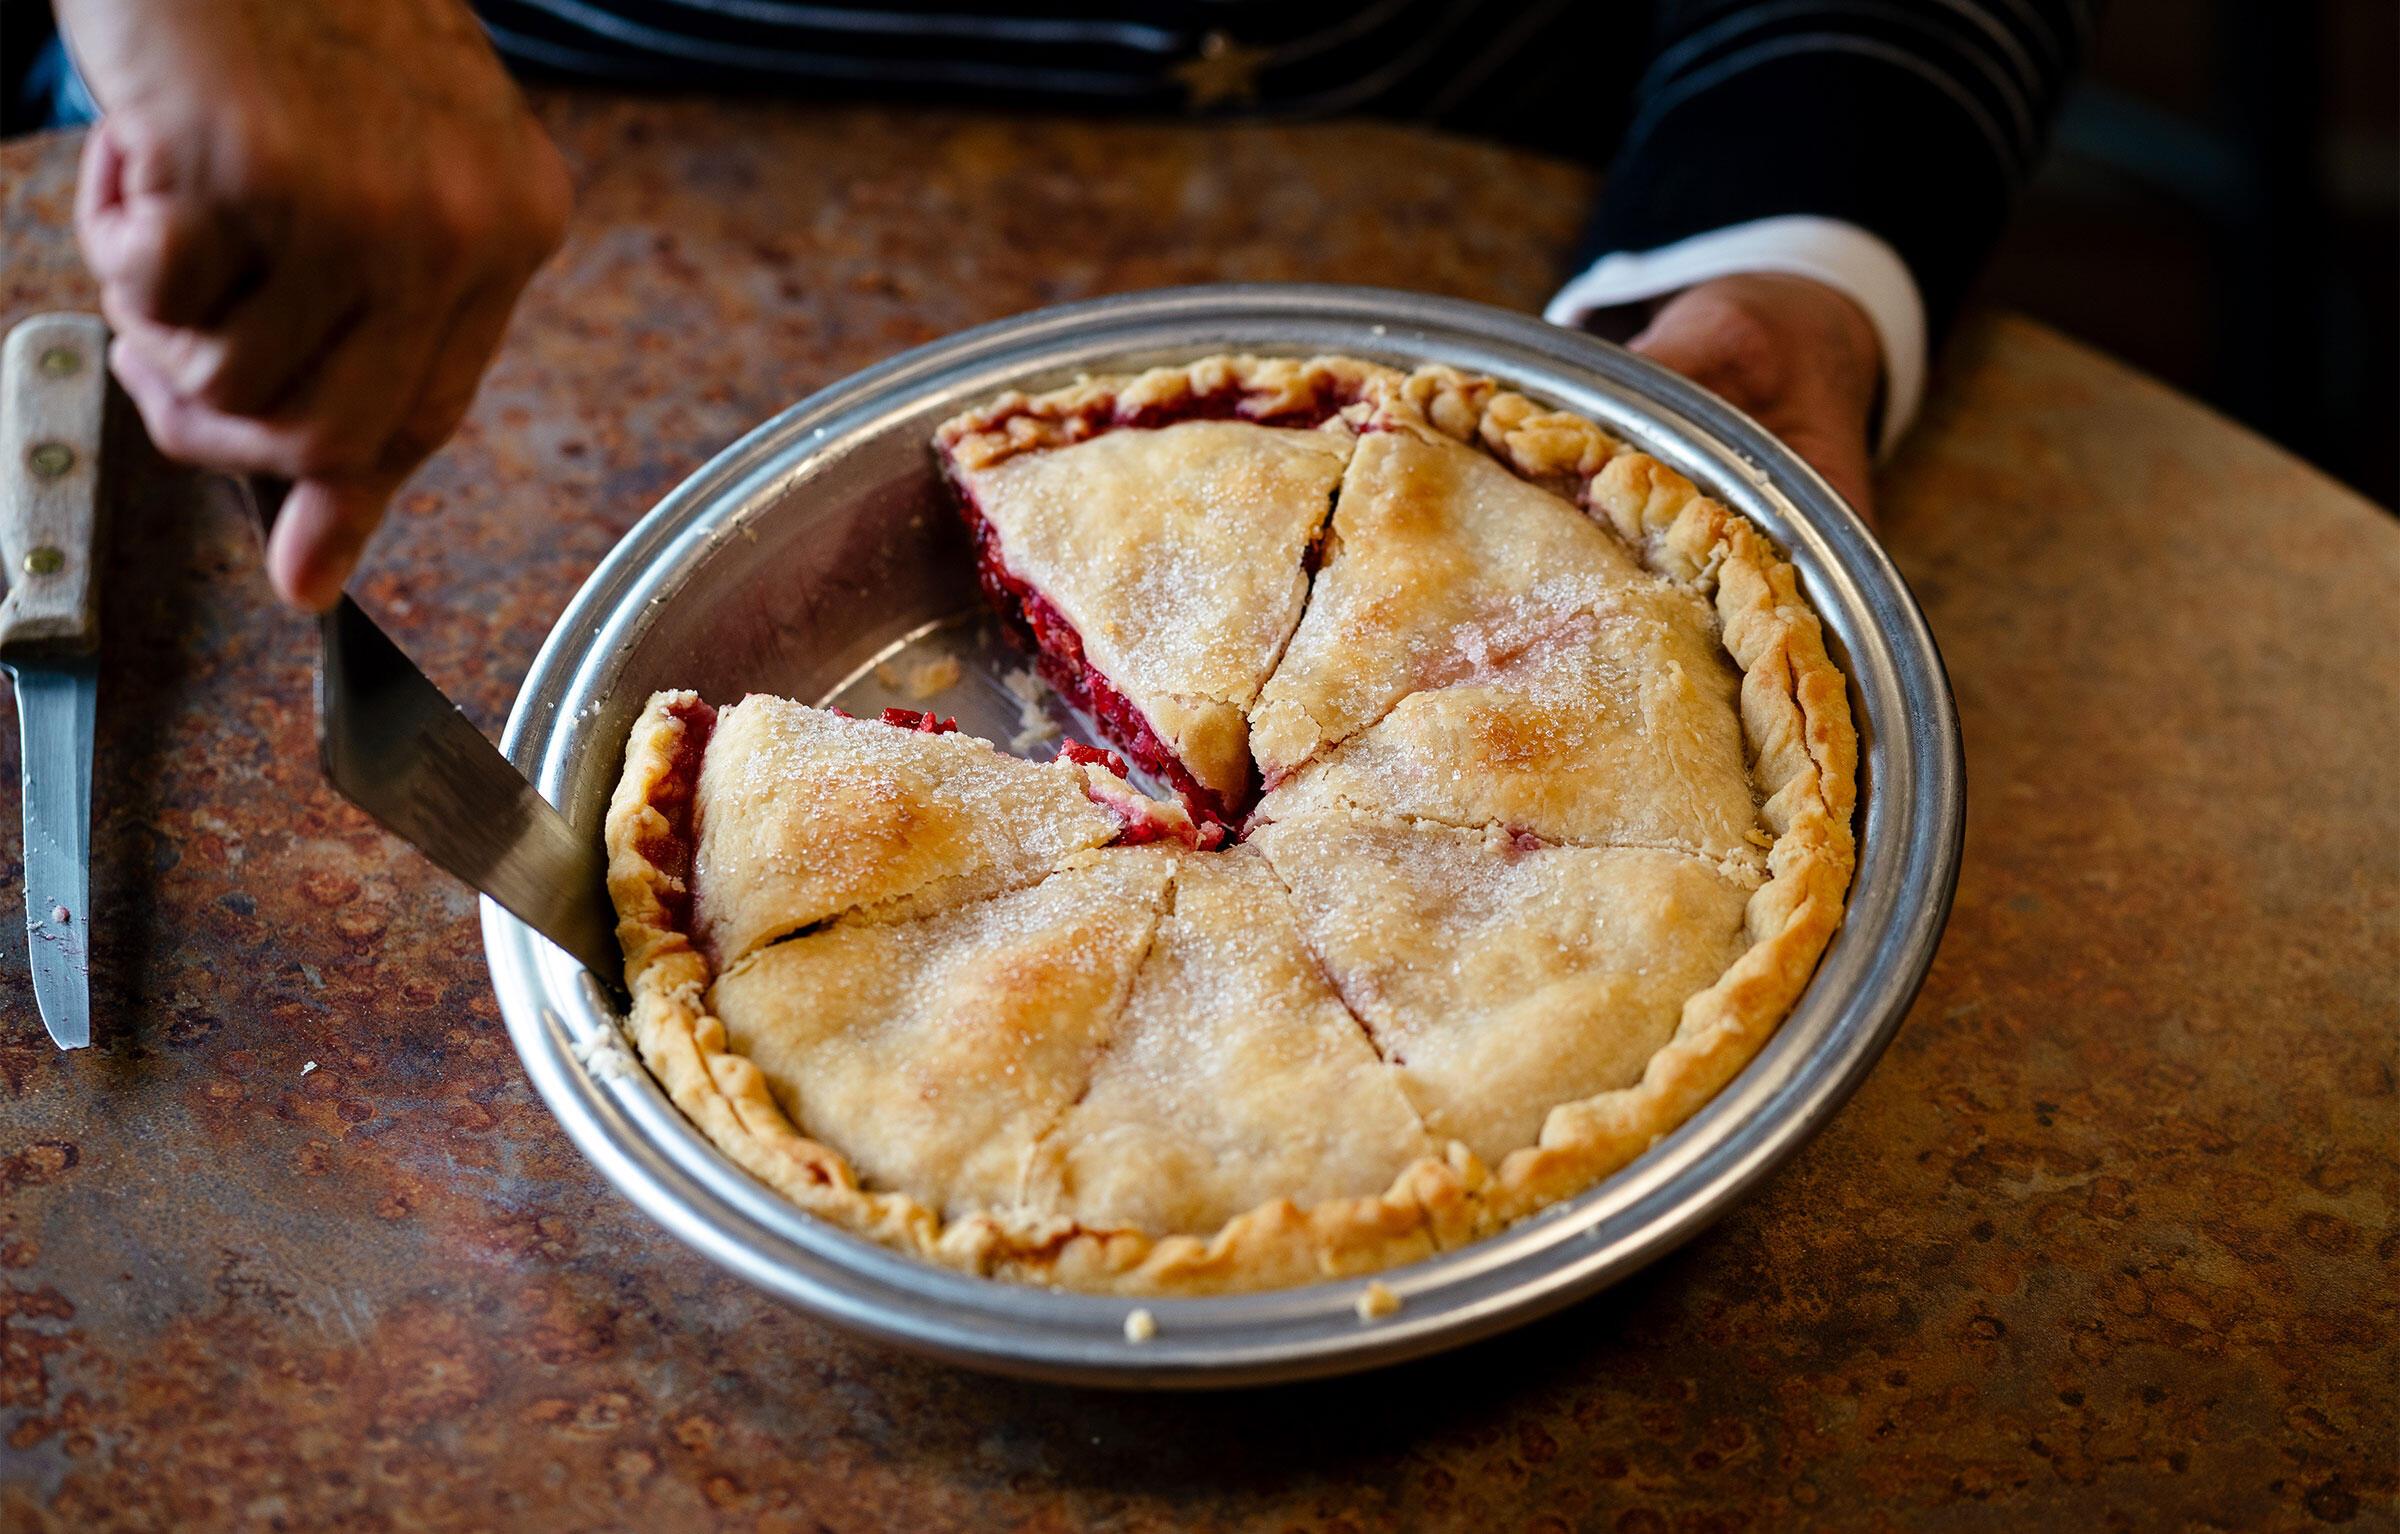 Brenda Lowe's Cherry-Berry Pie. Nick Hagen